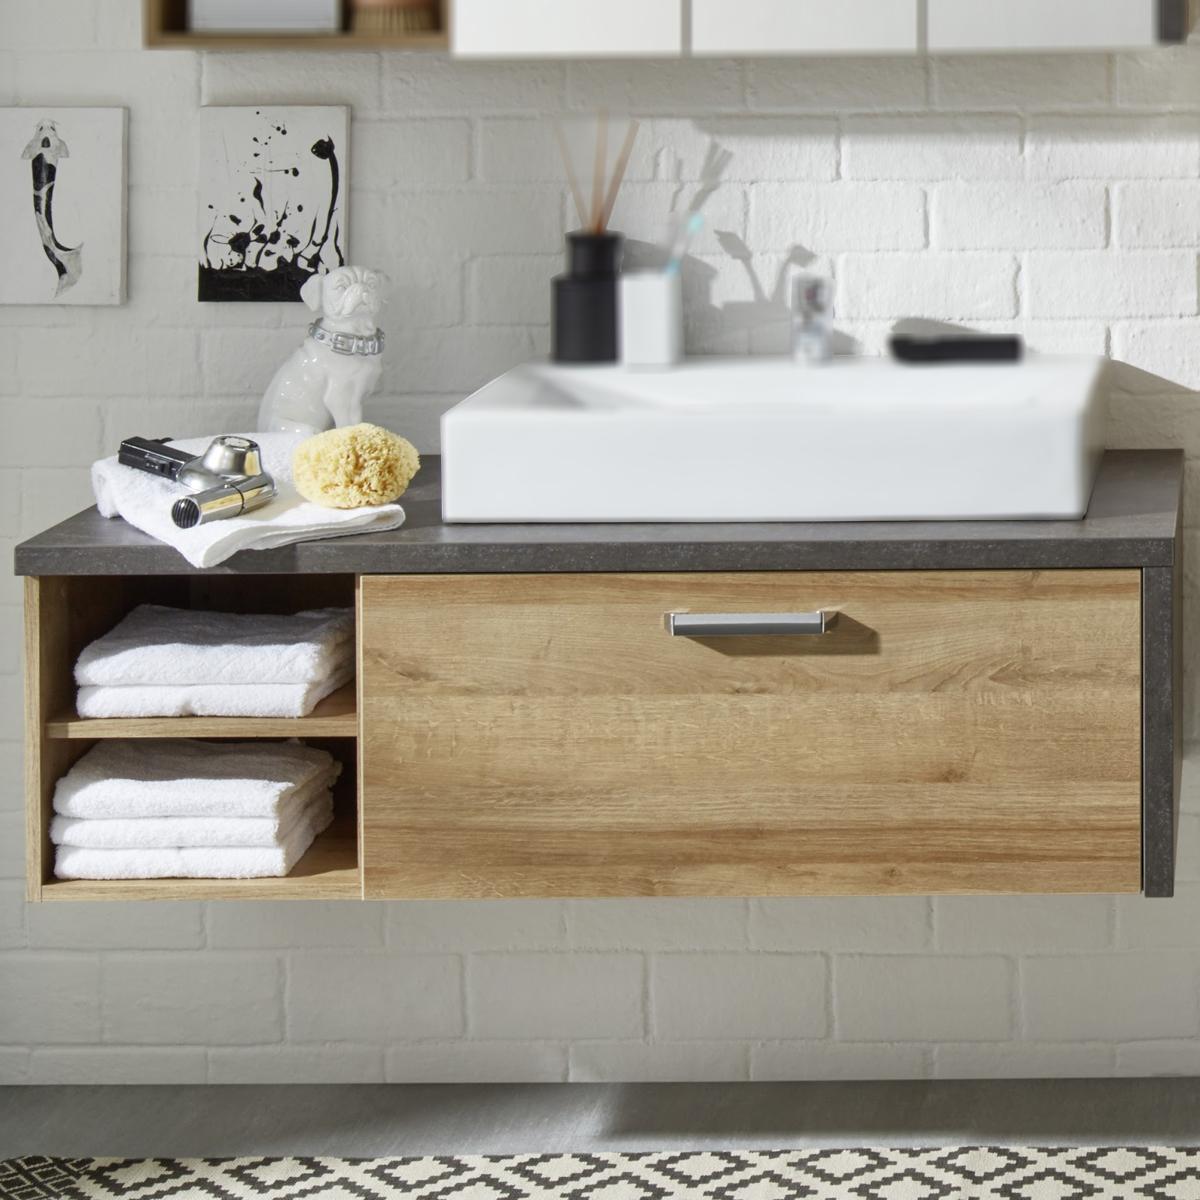 waschbeckenunterschrank 1 bahia badschrank eiche riviera honig und beton dunkel ebay. Black Bedroom Furniture Sets. Home Design Ideas